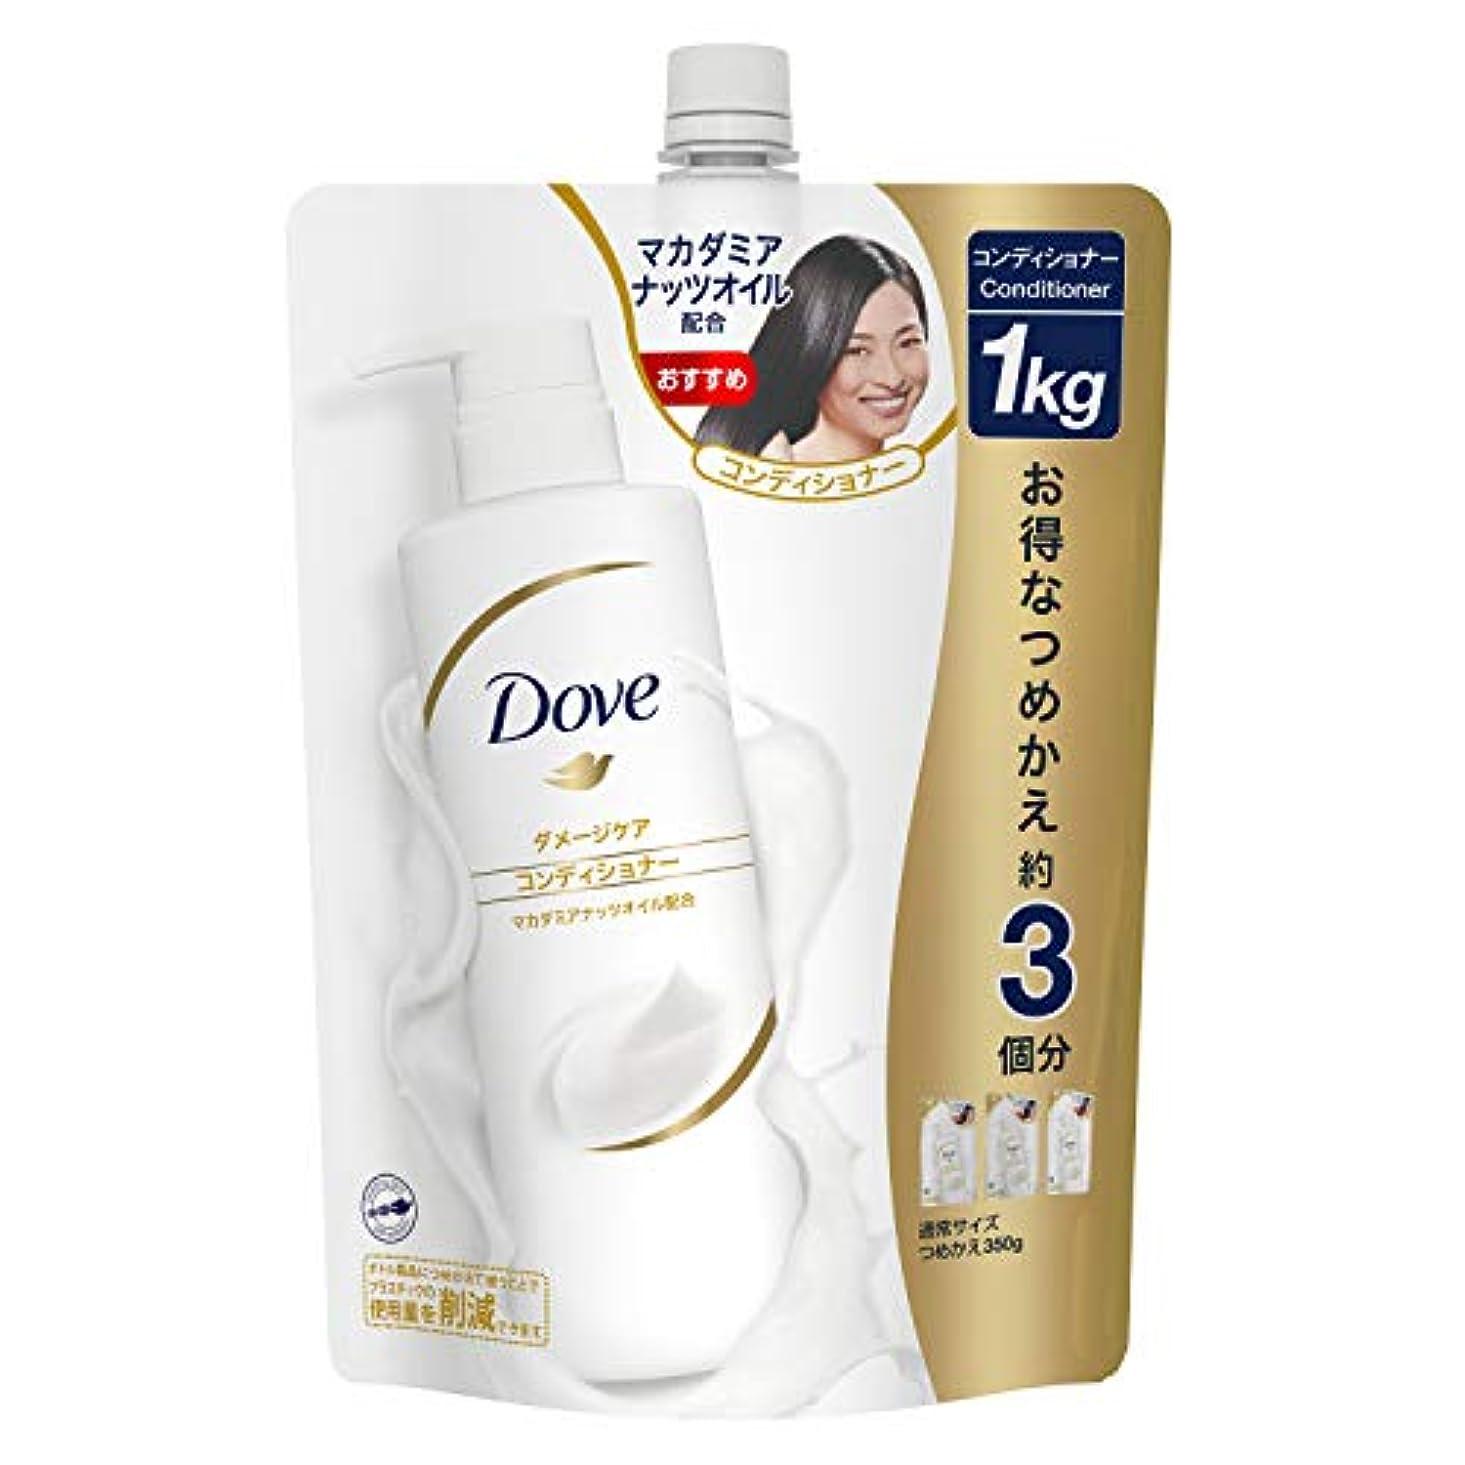 結核インフラメーター【大容量】 Dove ダヴ ダメージケア コンディショナー つめかえ用 1kg